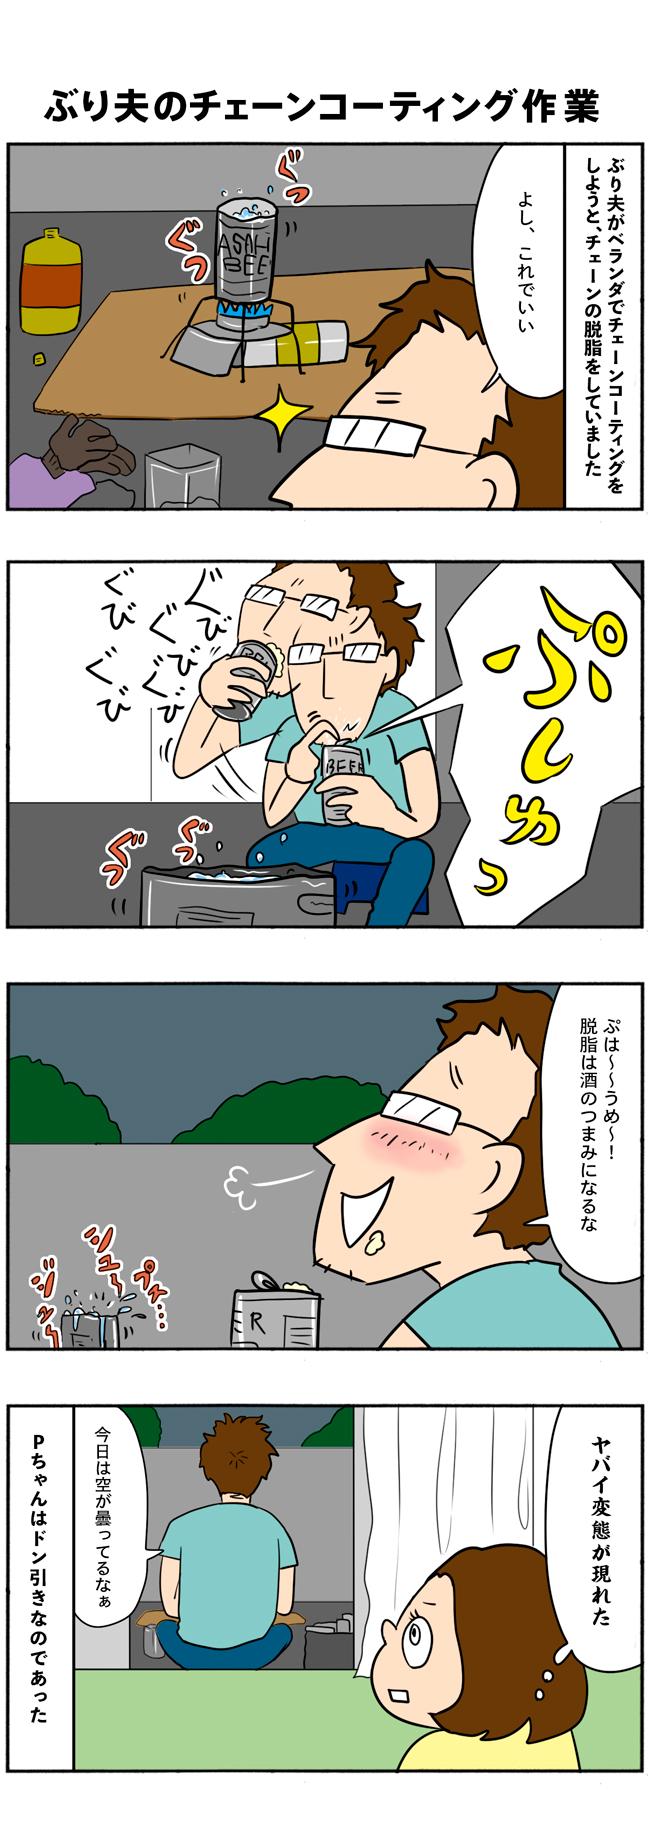 【四コマ漫画】夫ぶりおにーるのチェーンコーティング作業